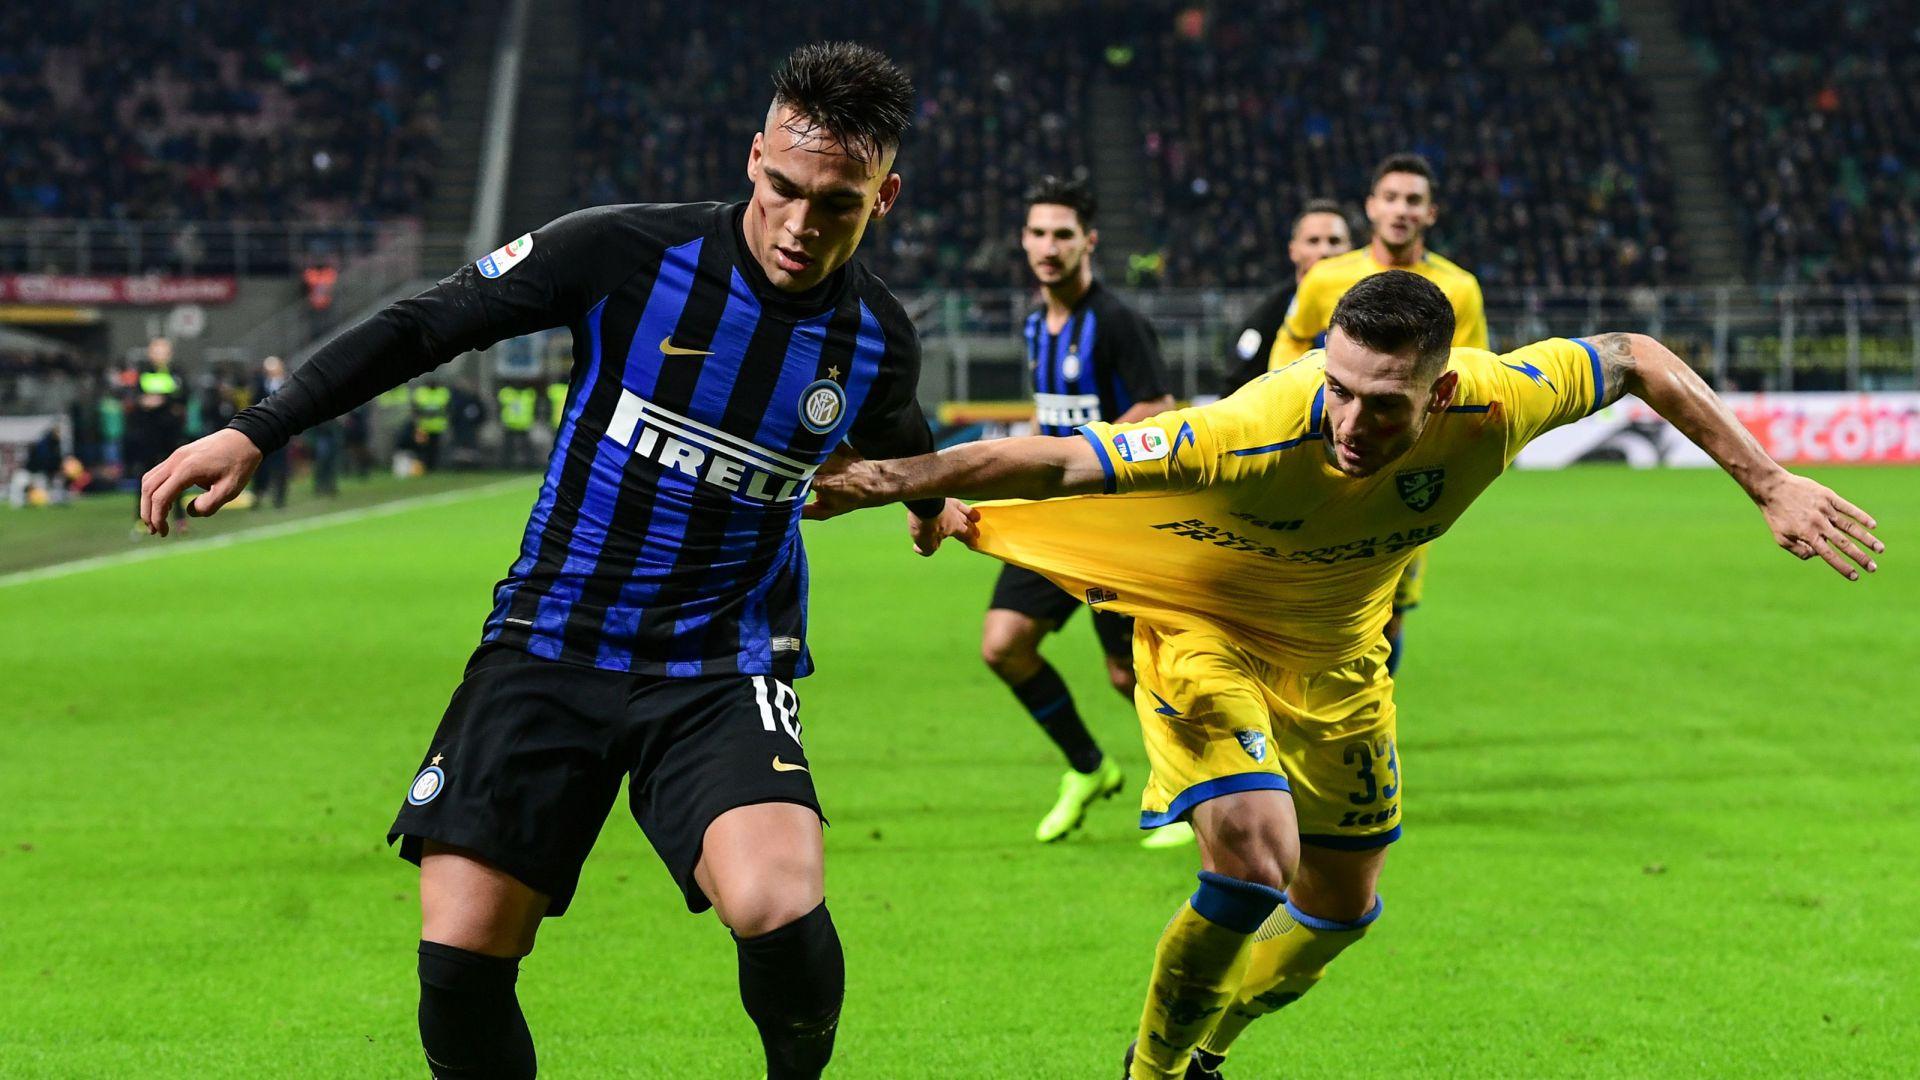 Frosinone Inter Formazioni C E Tv E Diretta Streaming Goal Com